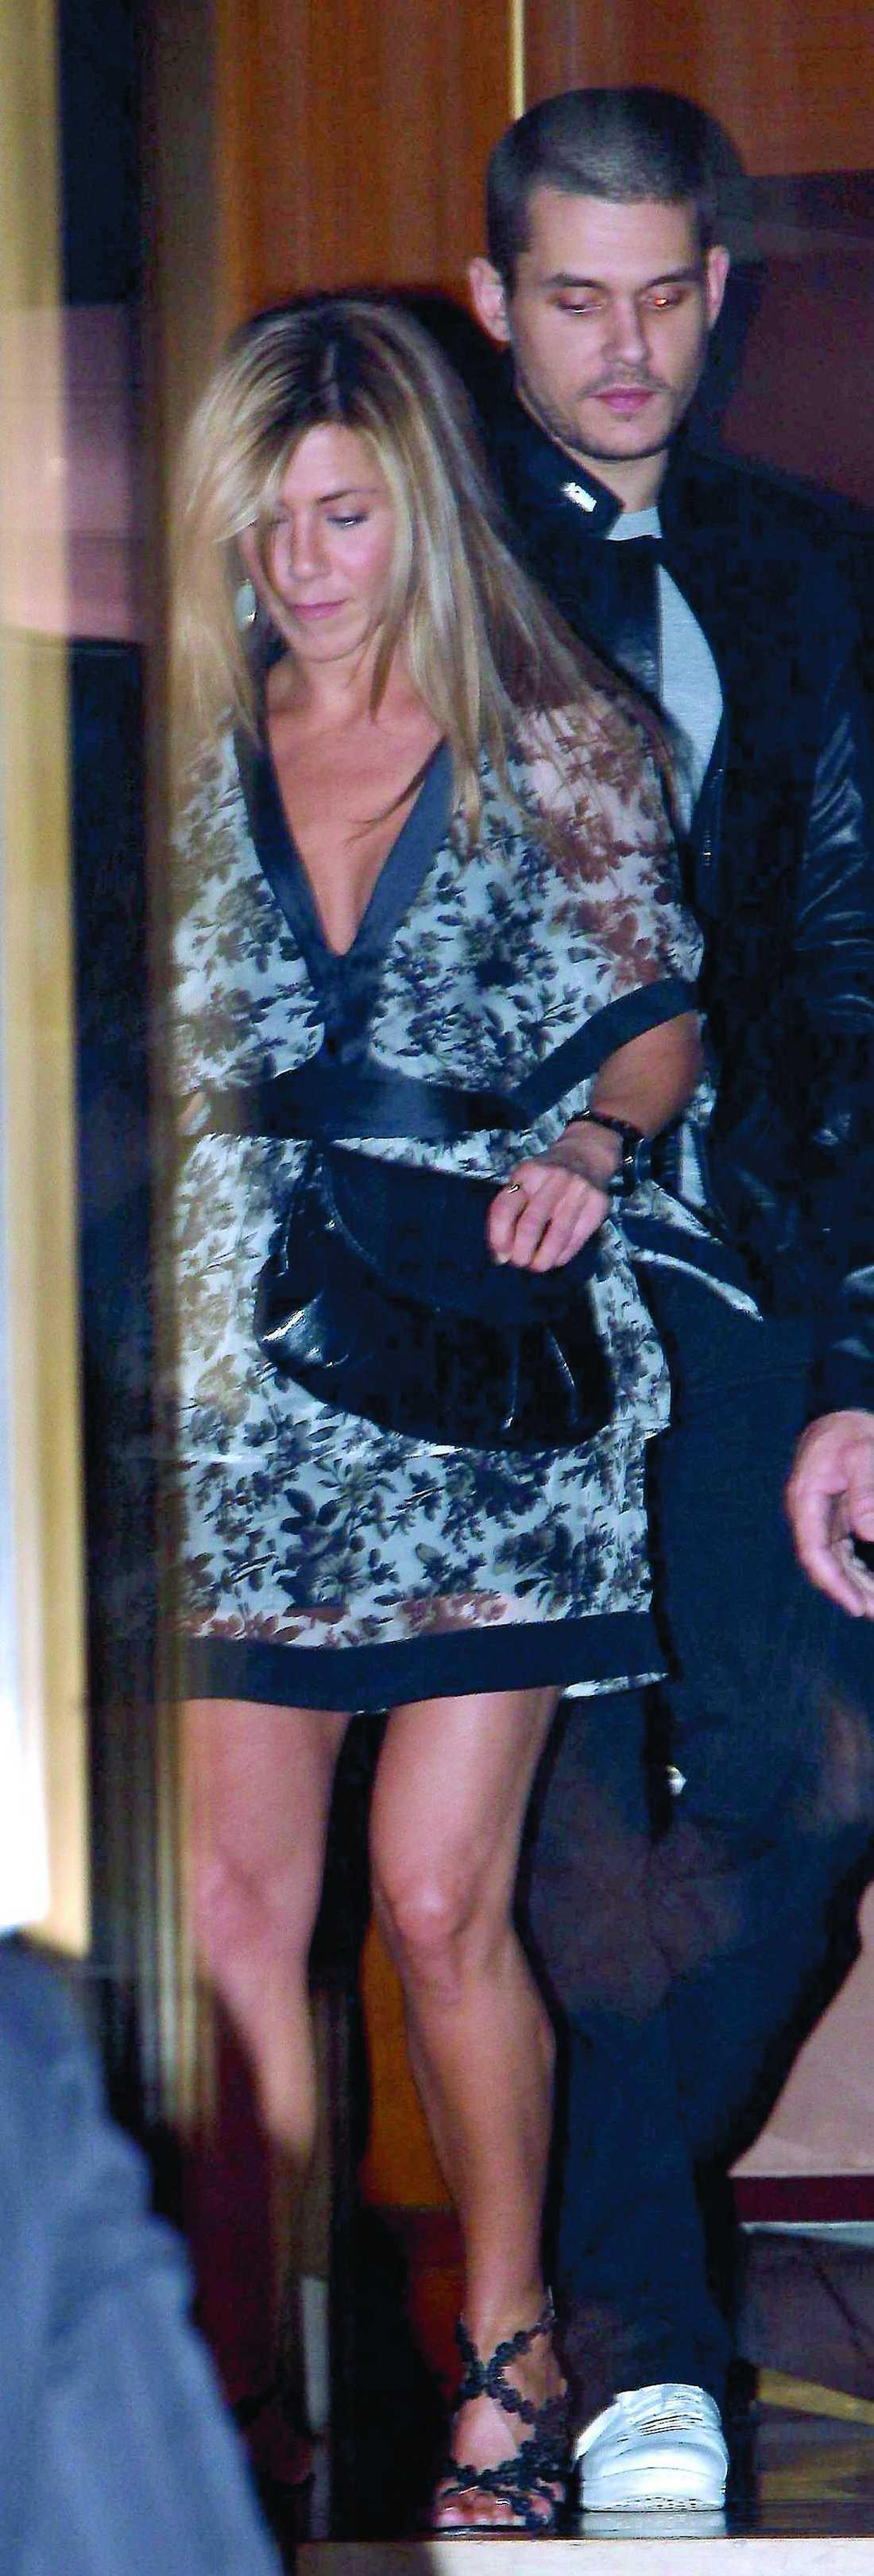 Förra tisdagen siktades det återförenade paret Aniston/Mayer i entrén till Sunset towers hotel i West Hollywood.